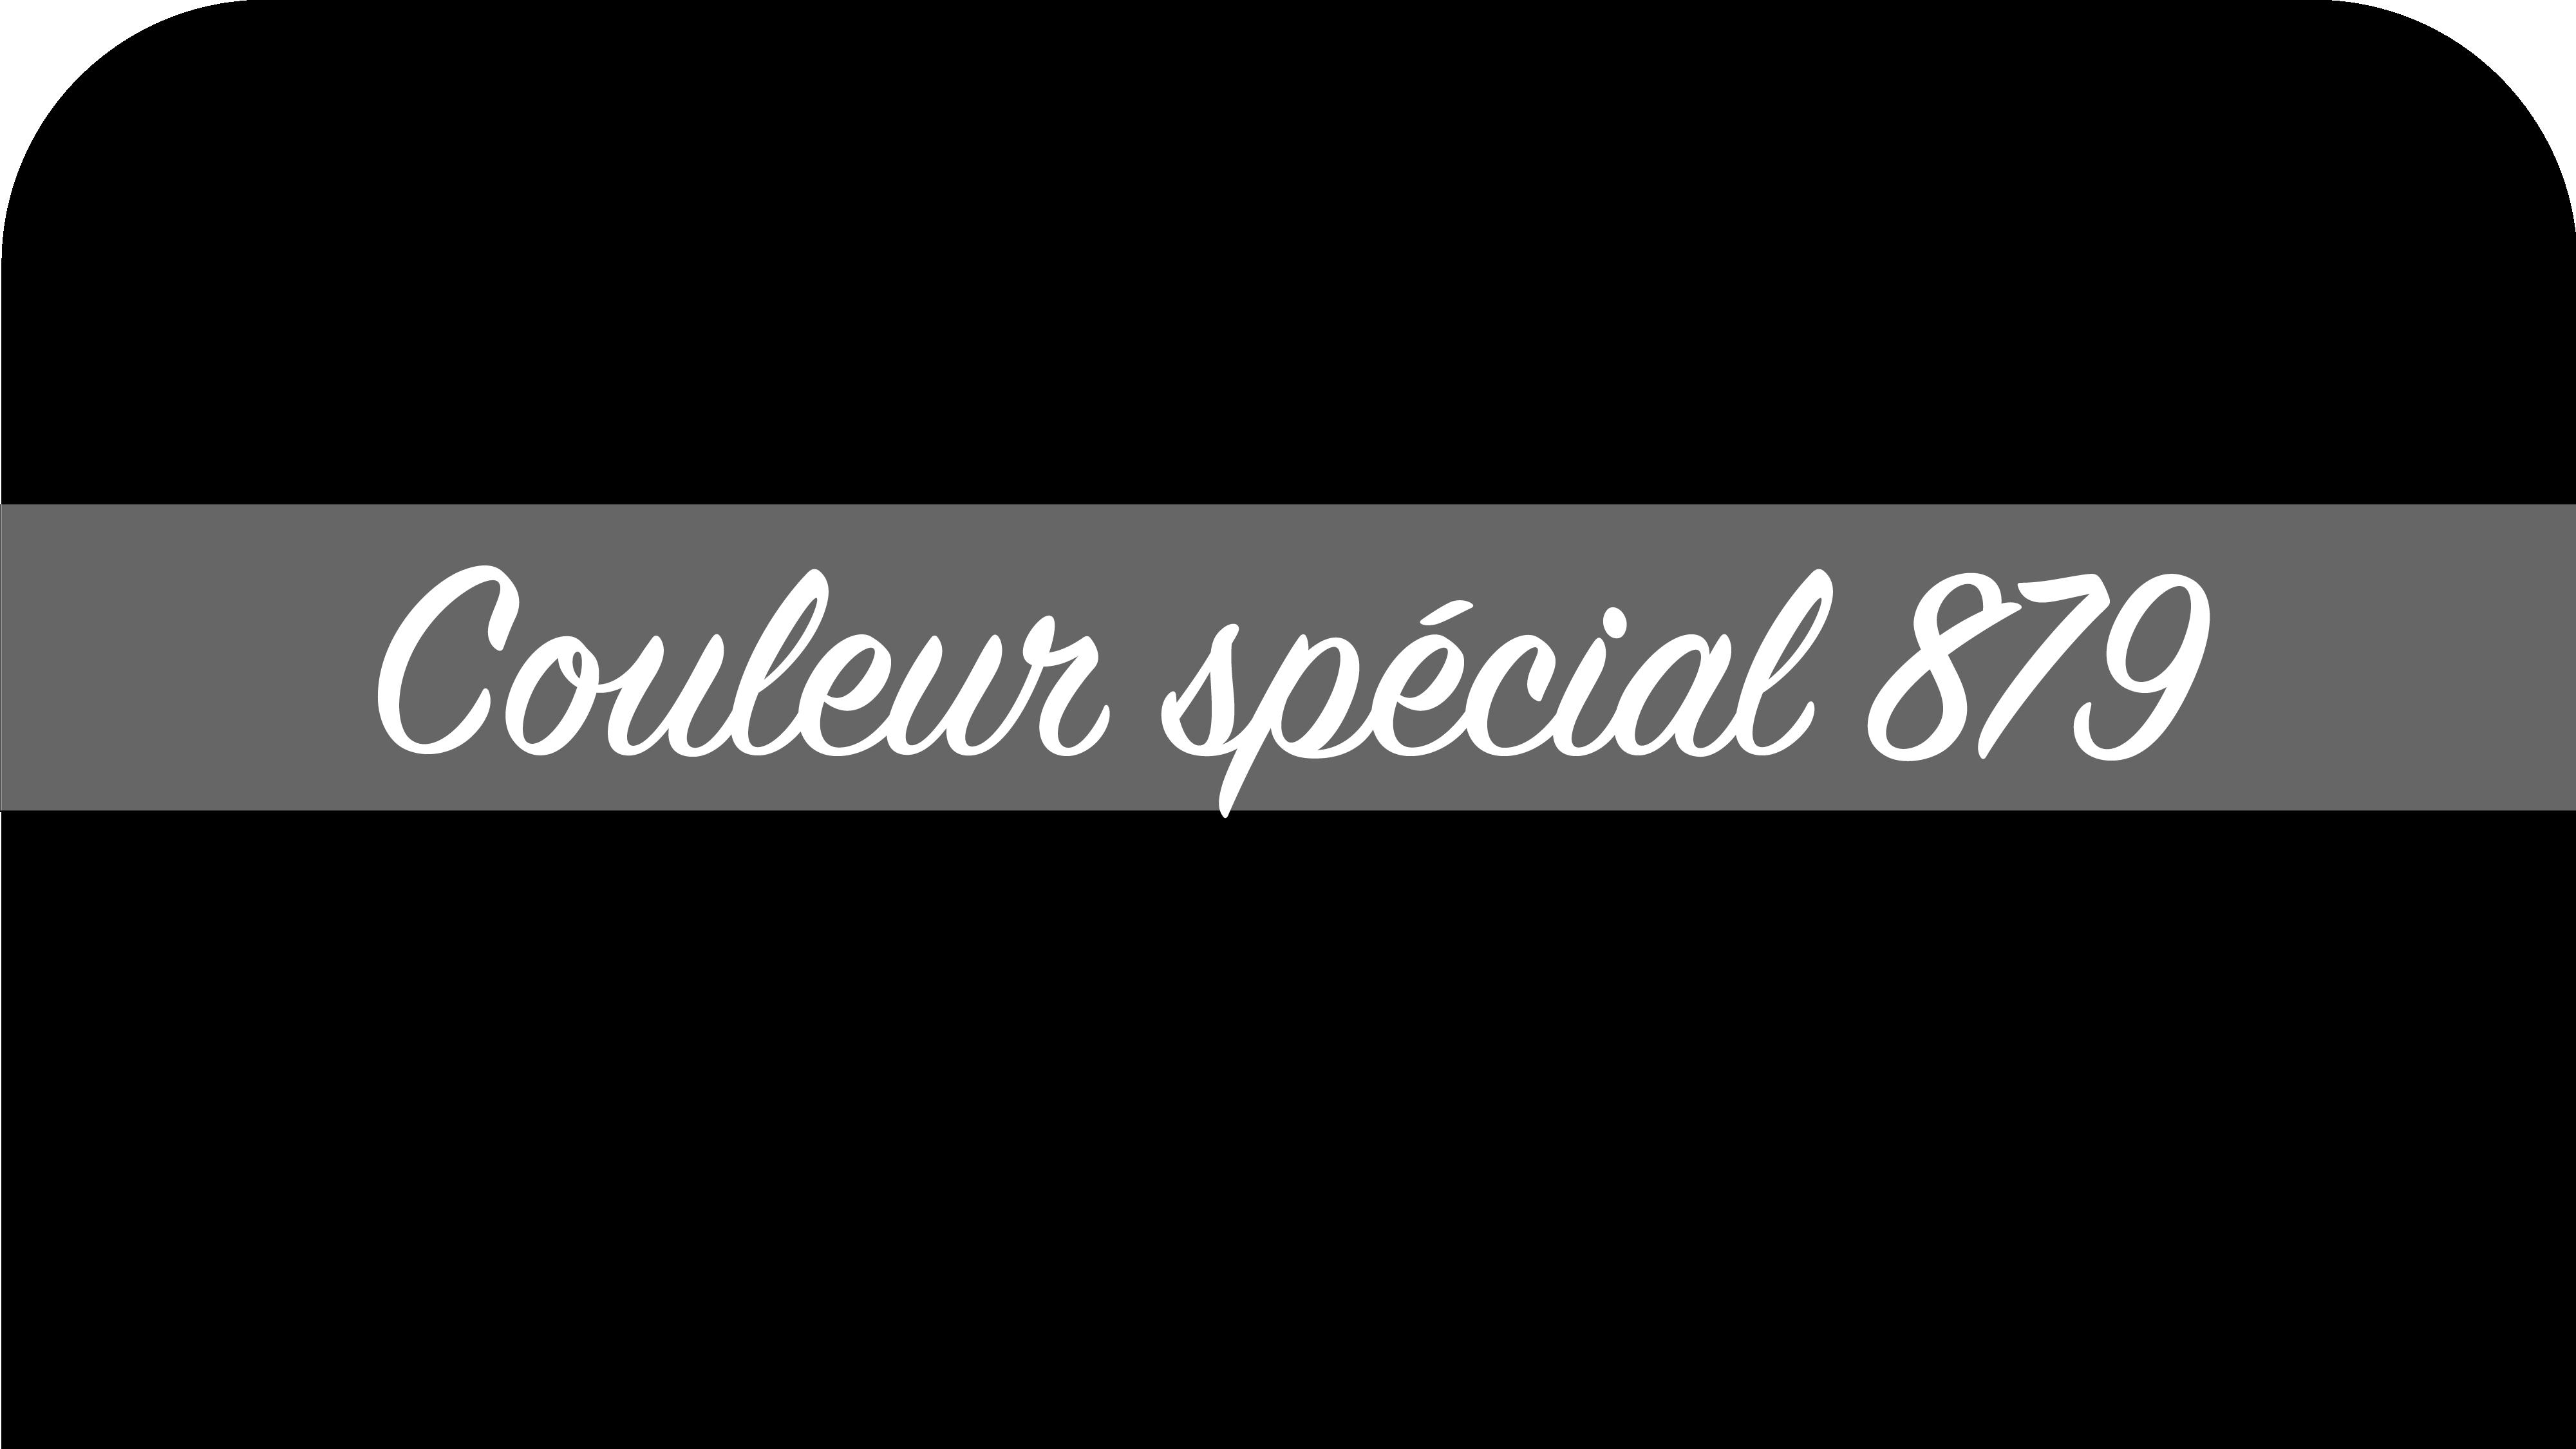 couleur-special-879